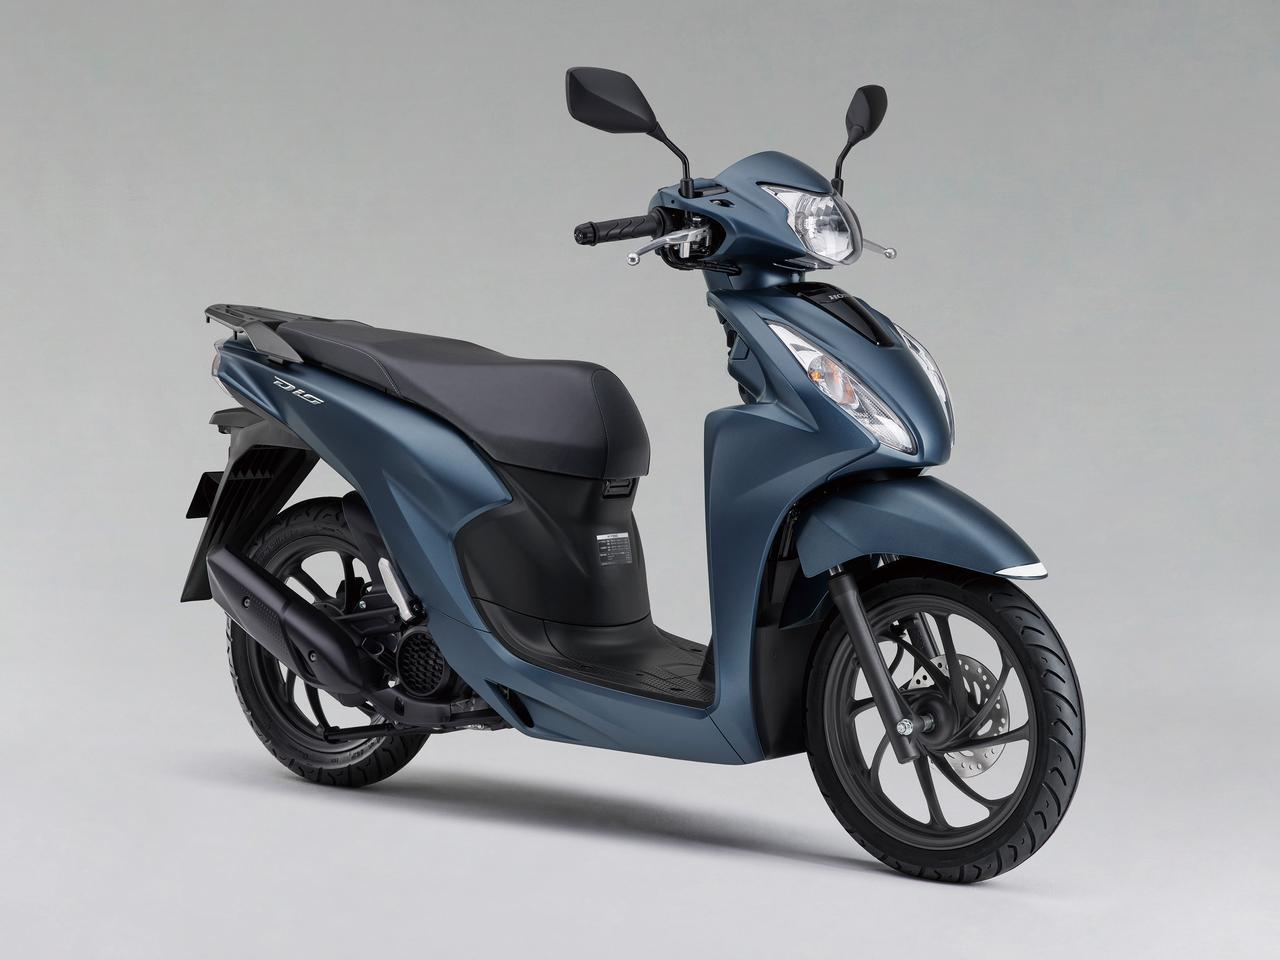 画像: Honda Dio110 総排気量:109cc エンジン形式:空冷4ストOHC単気筒 シート高:760mm 車両重量:96kg 税込価格 24万2000円:パールジャスミンホワイト、ディセントシルバーメタリック 24円5300円:マットスターリーブルーメタリック、マットギャラクシーブラックメタリック